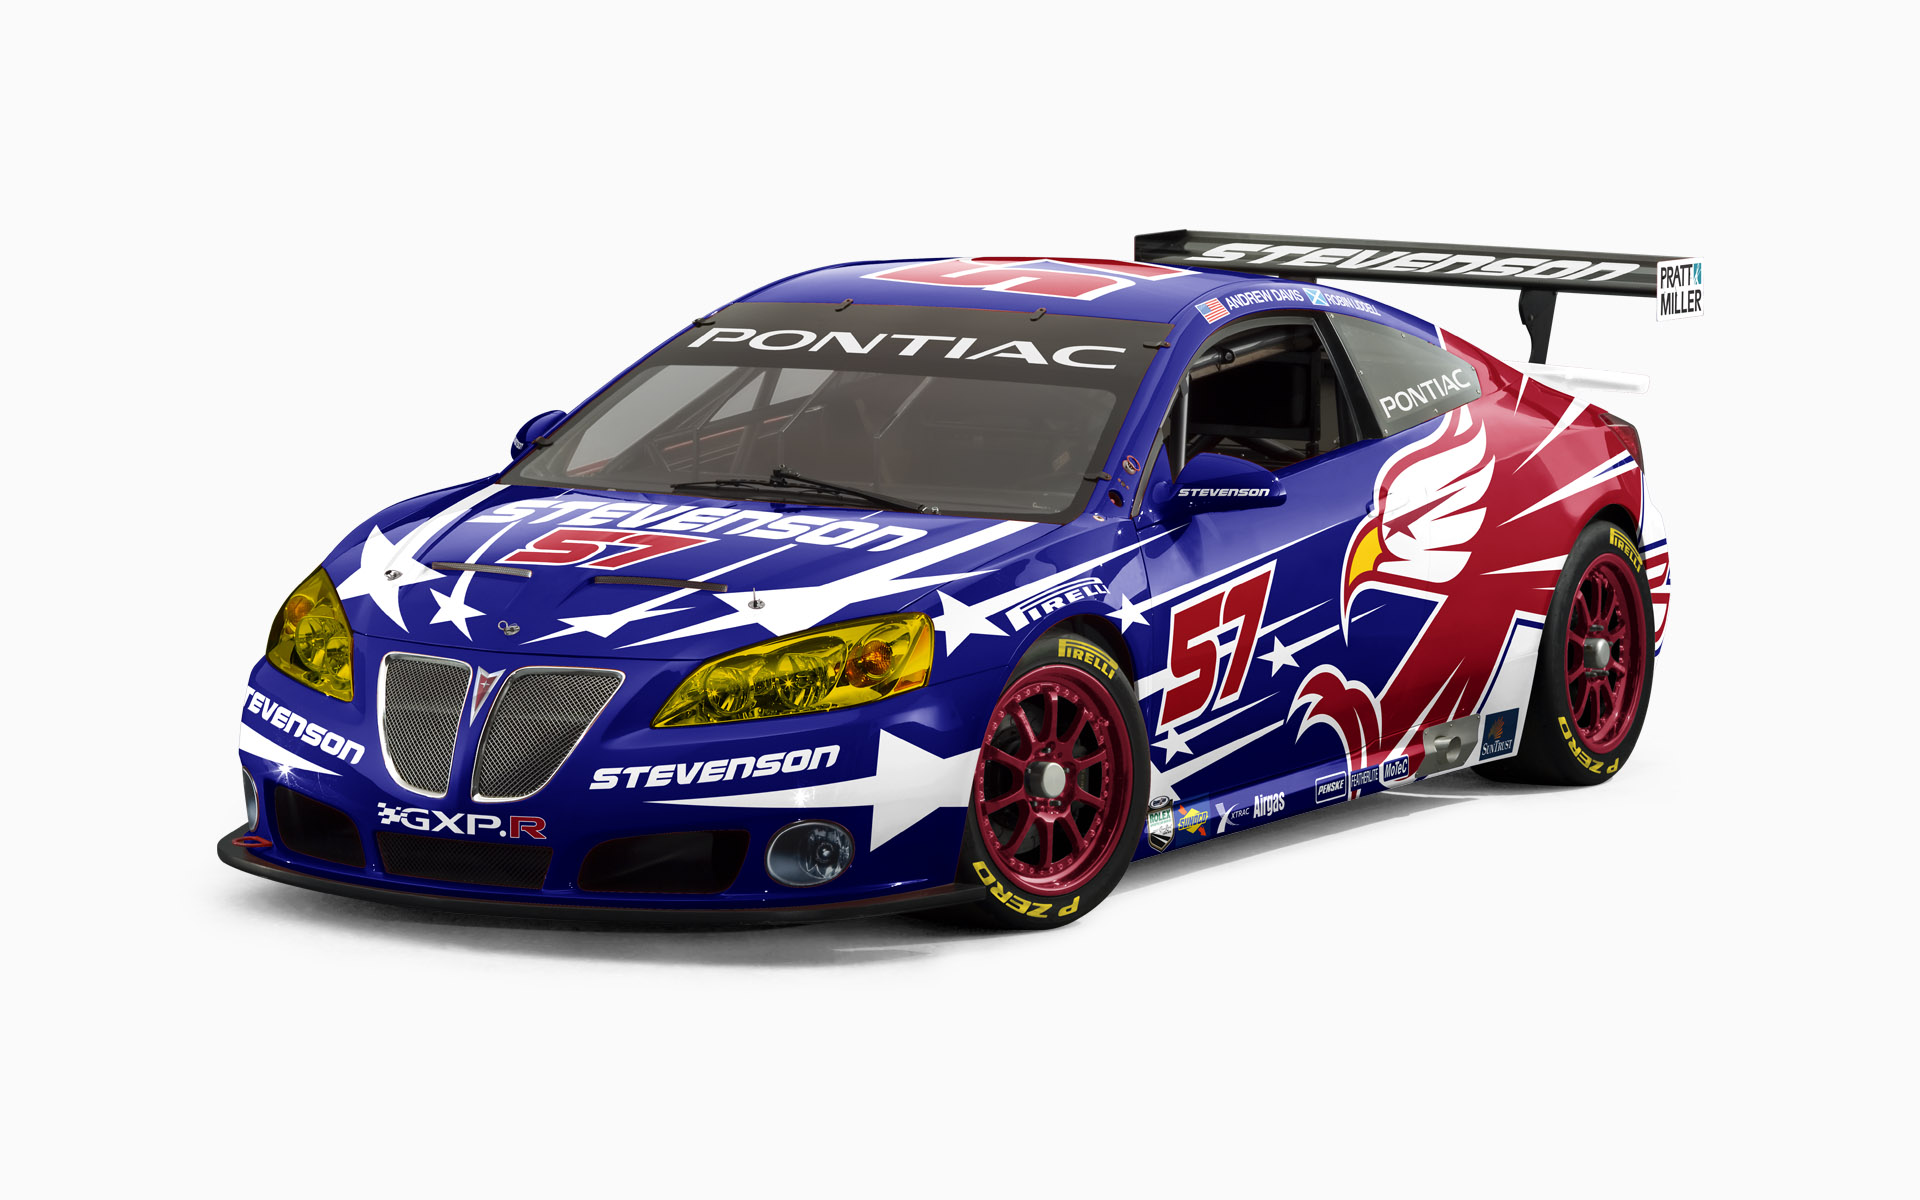 2007 Stevenson Motorsports Pontiac GXPr GT Livery Visualization